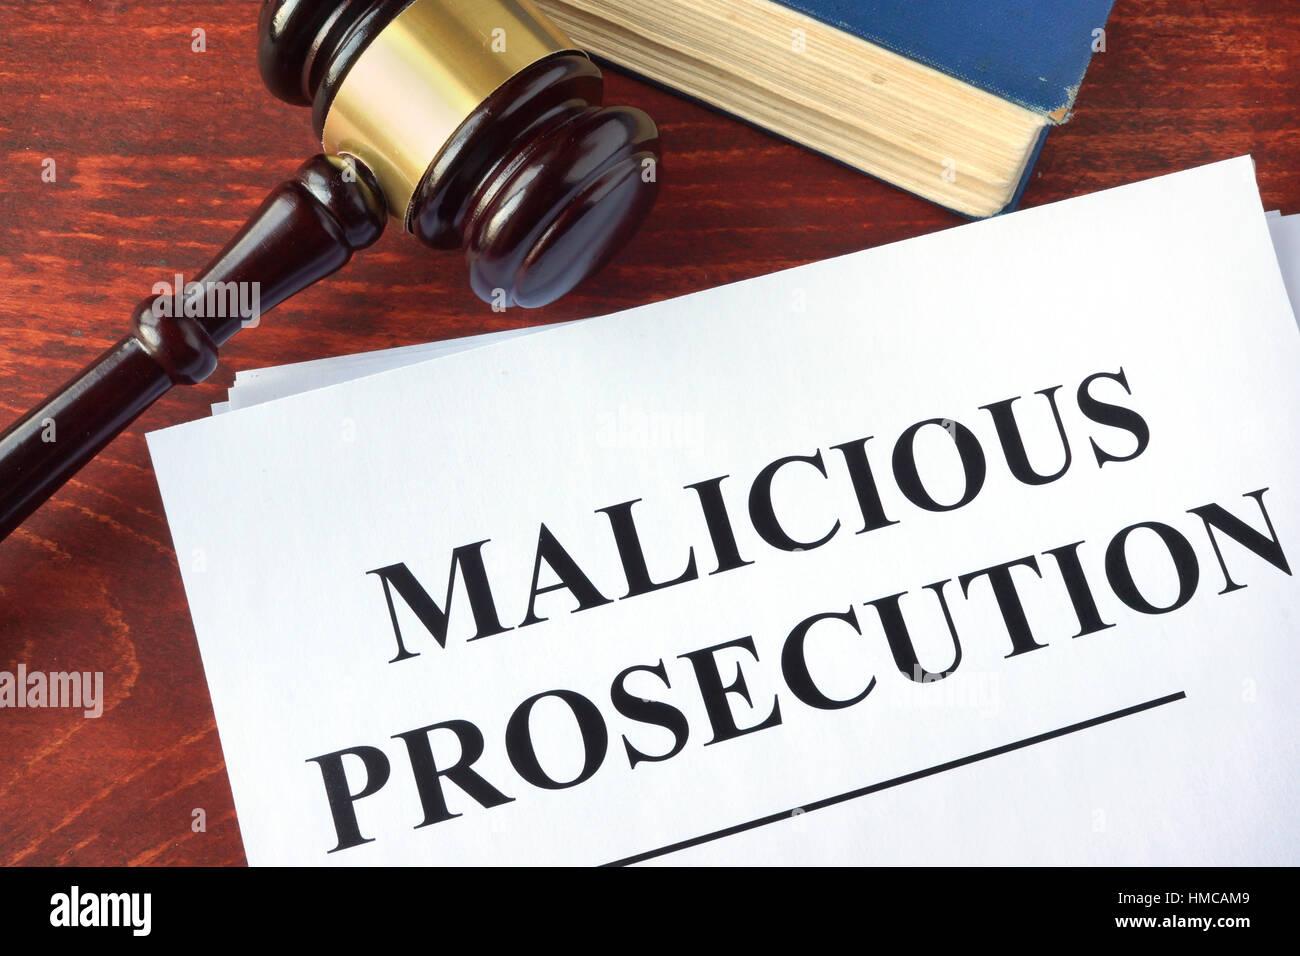 Prosecution Stock Photos & Prosecution Stock Images - Alamy